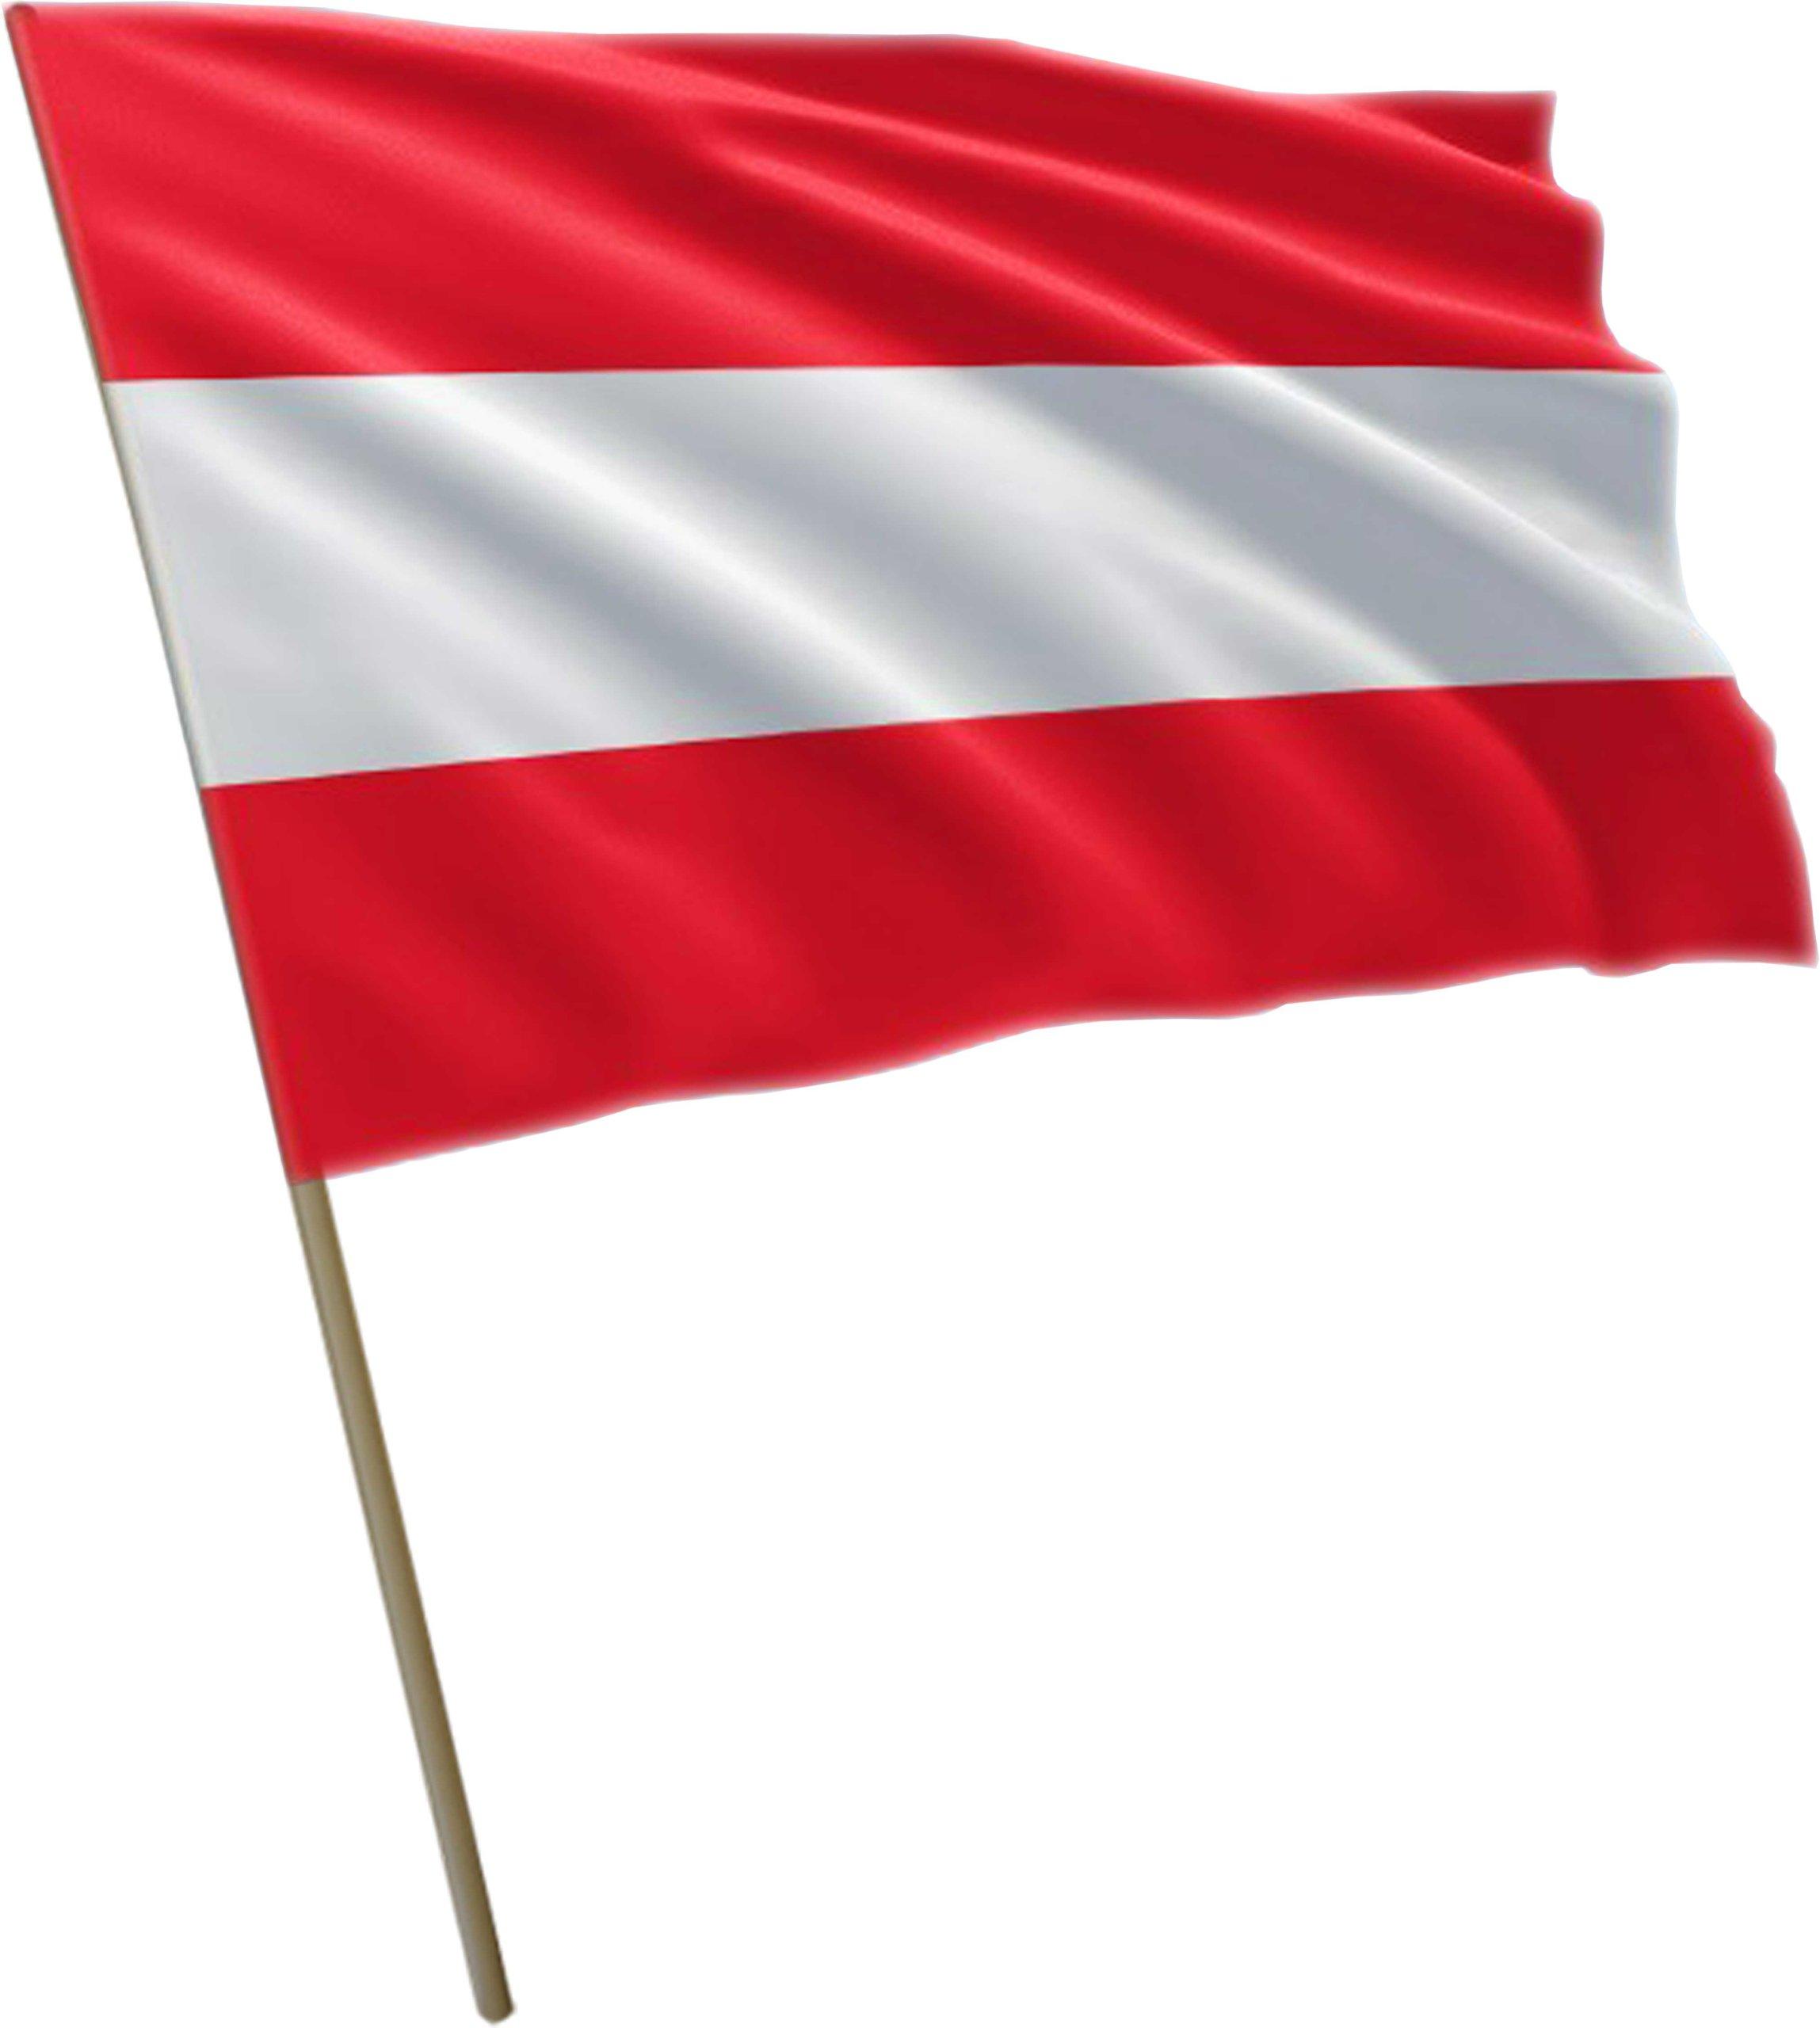 Flaga Austrii Austria 100x60cm 7049990332 - Allegro.pl